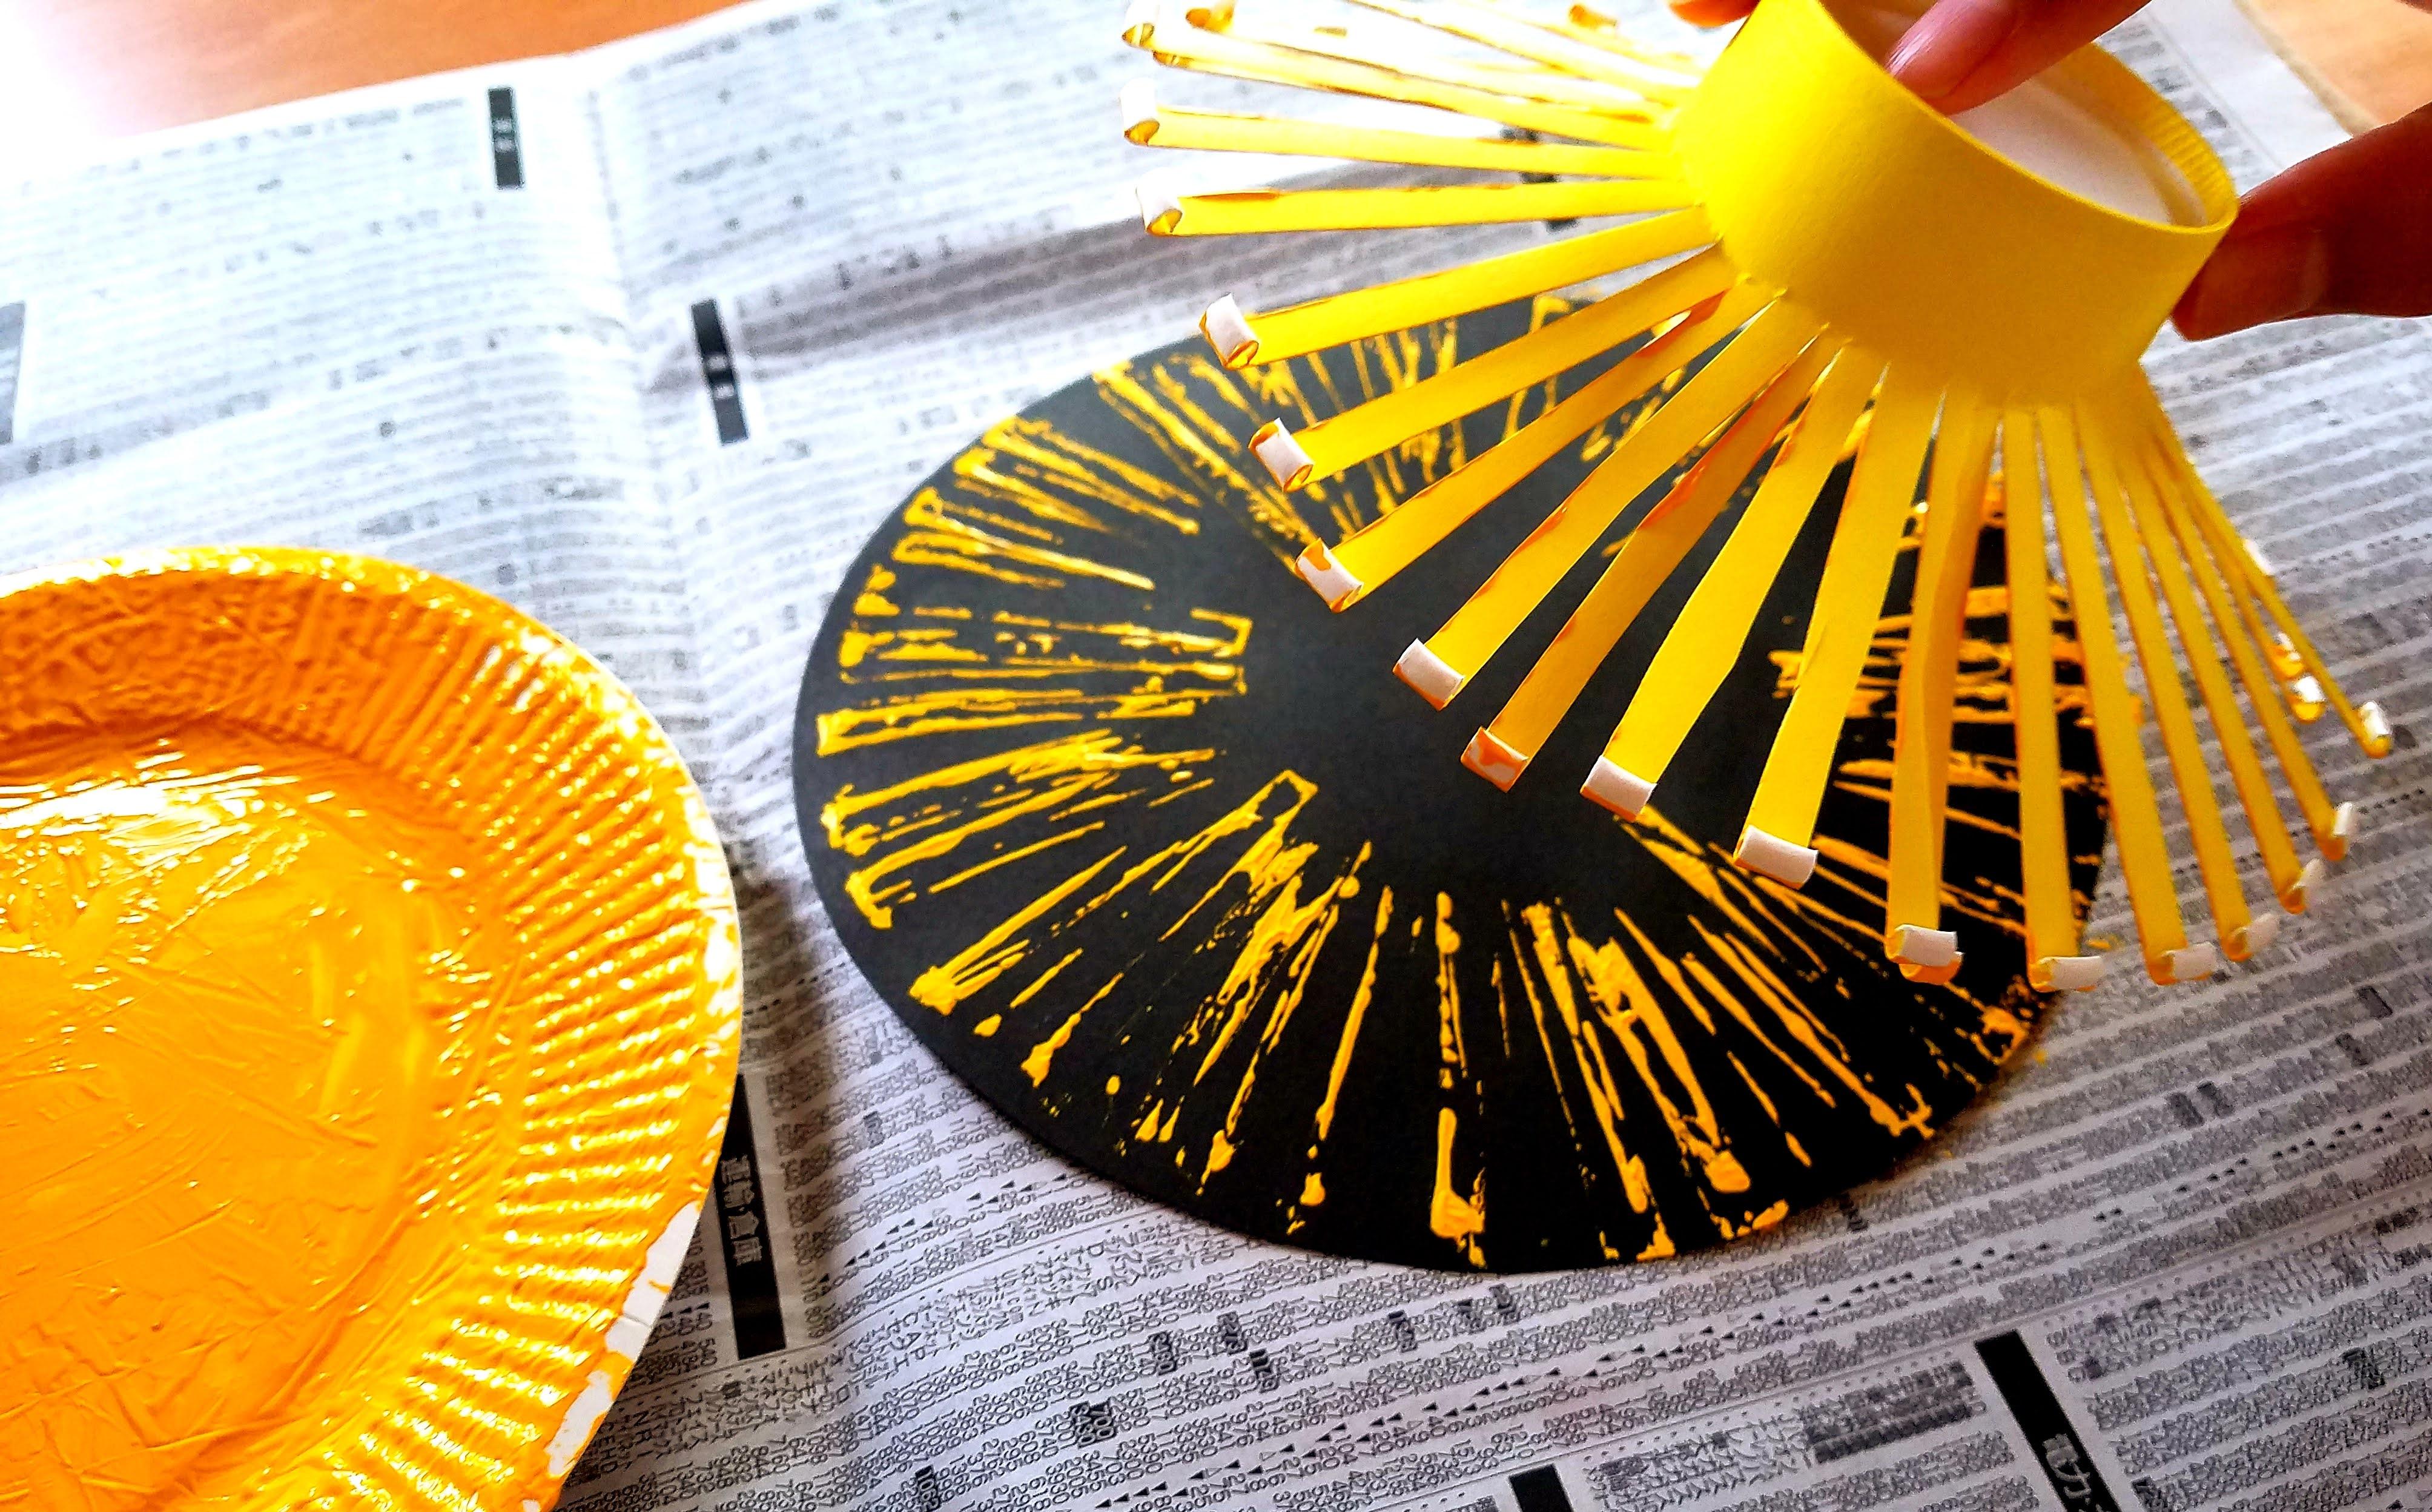 8月‗製作‗花火‗トイレットペーパーの芯